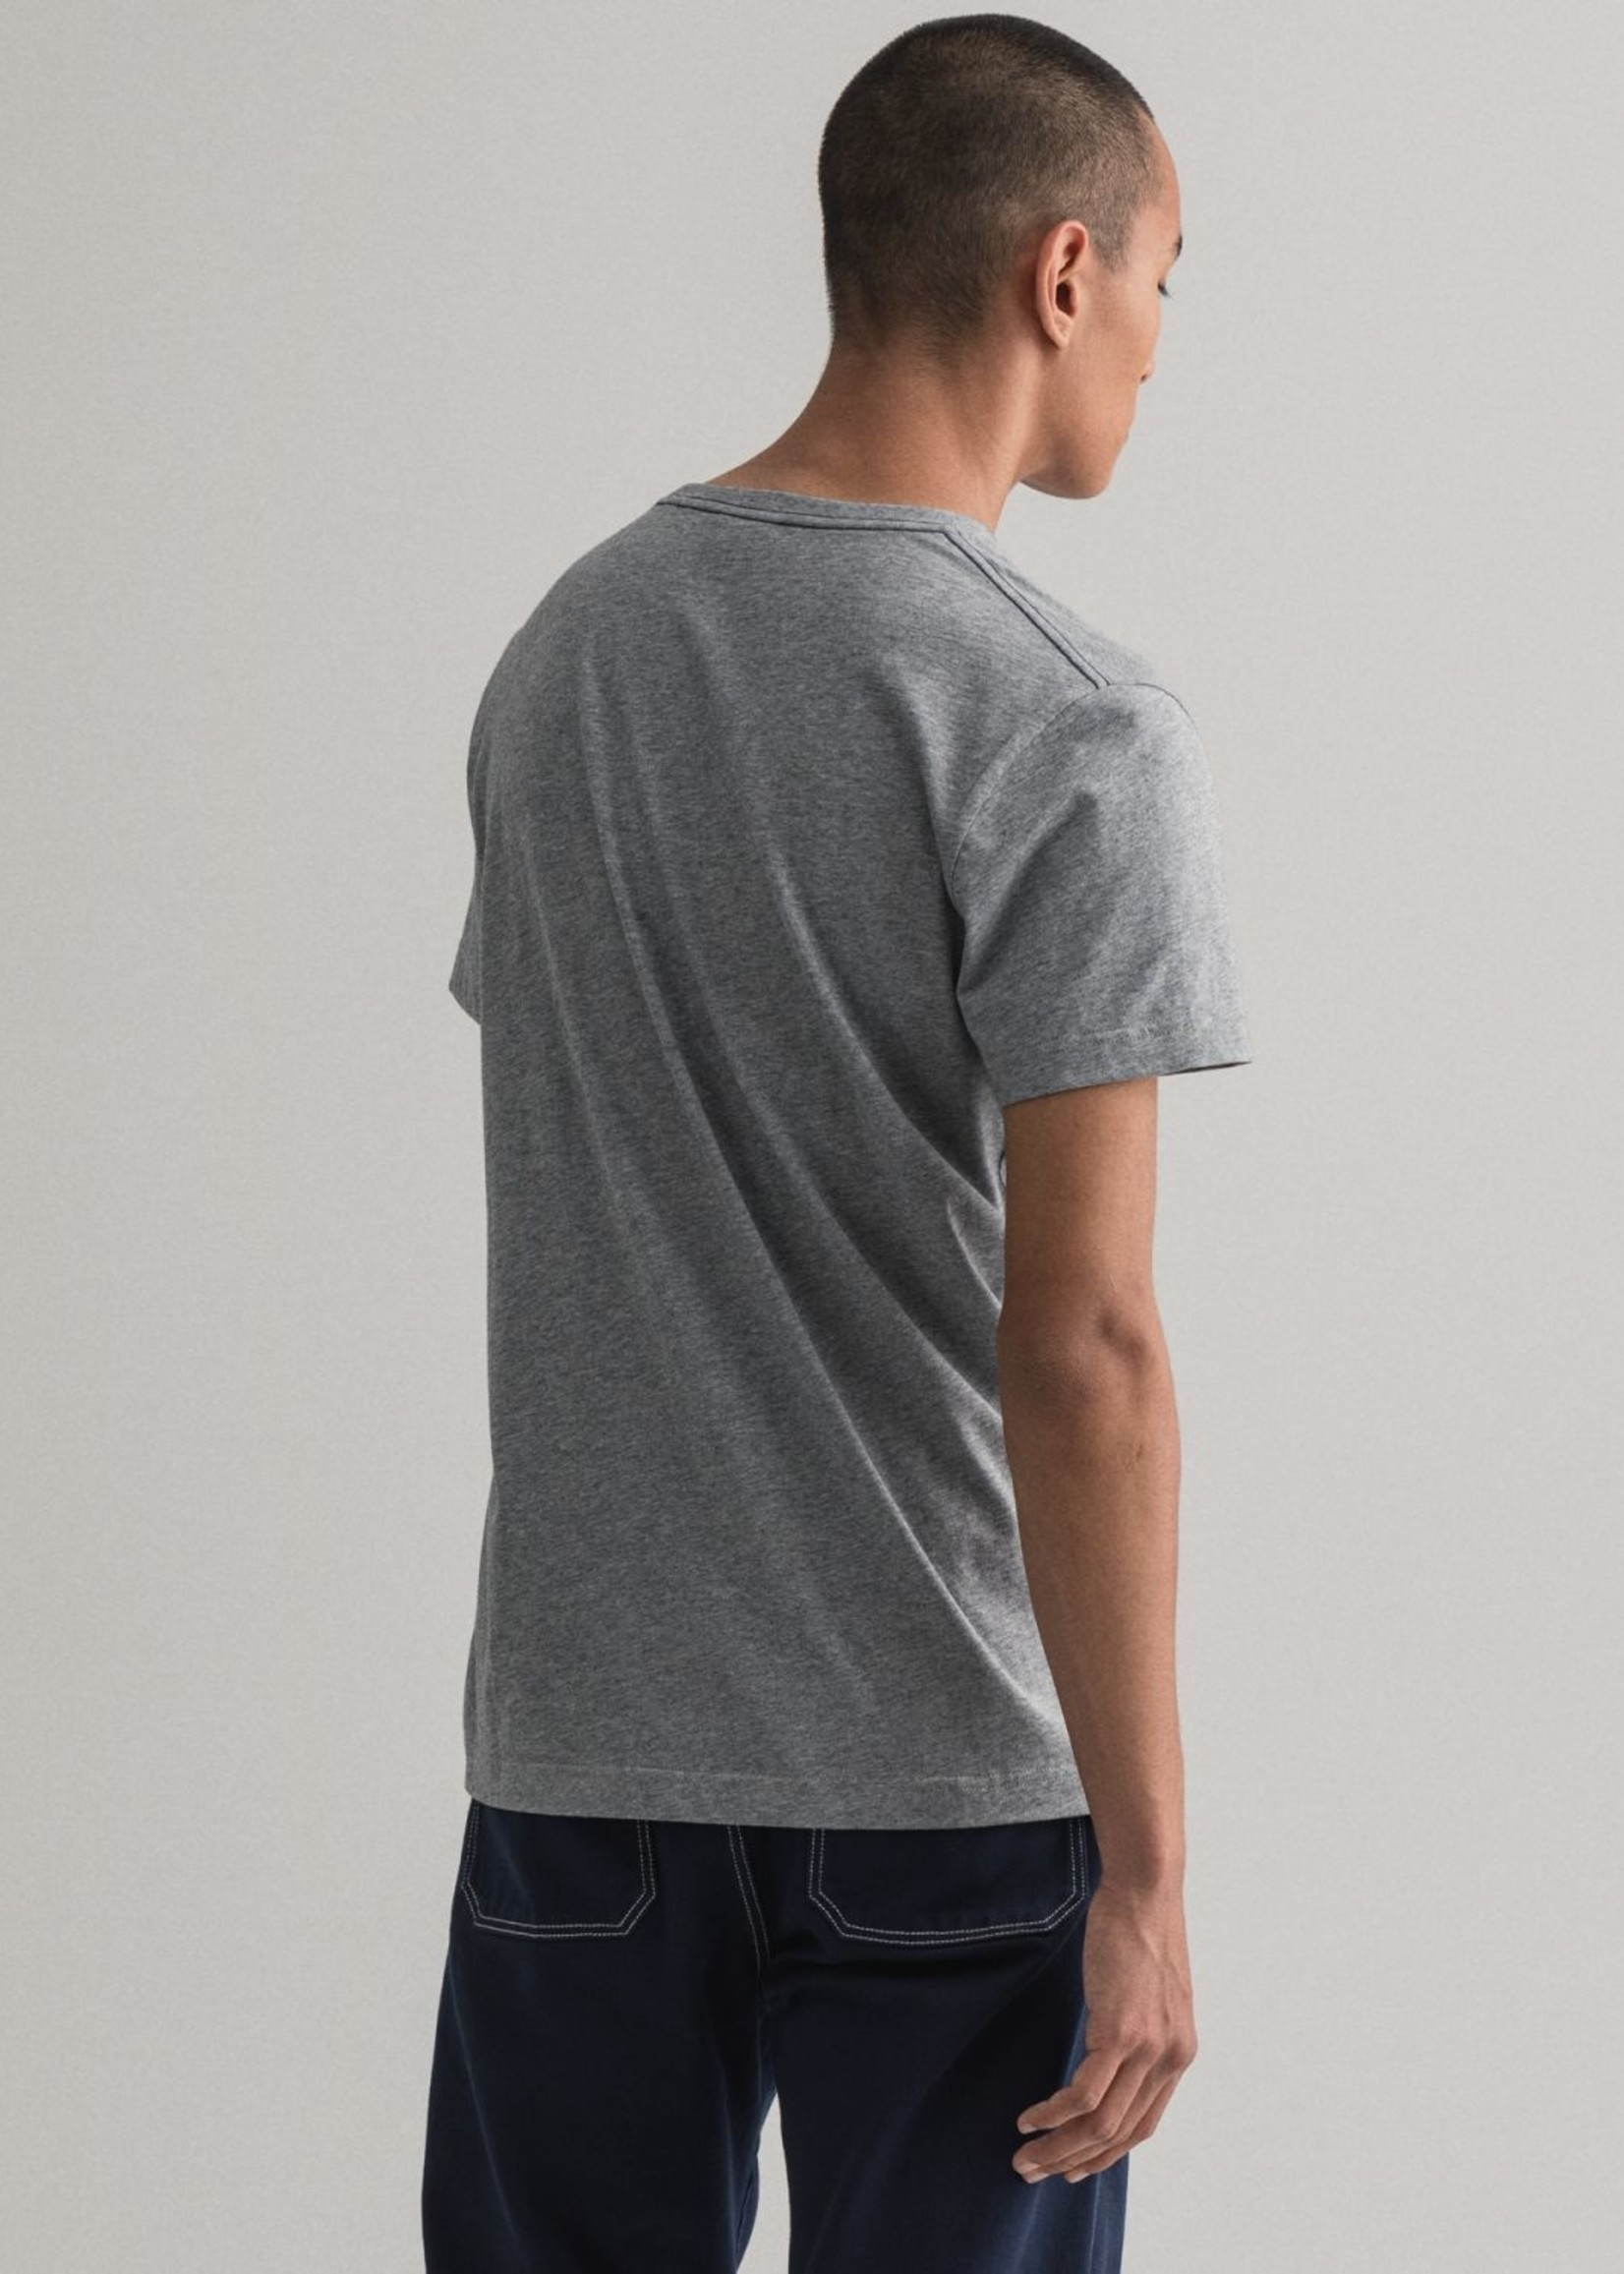 GANT Arch Outline T-shirt | Grijs | GANT